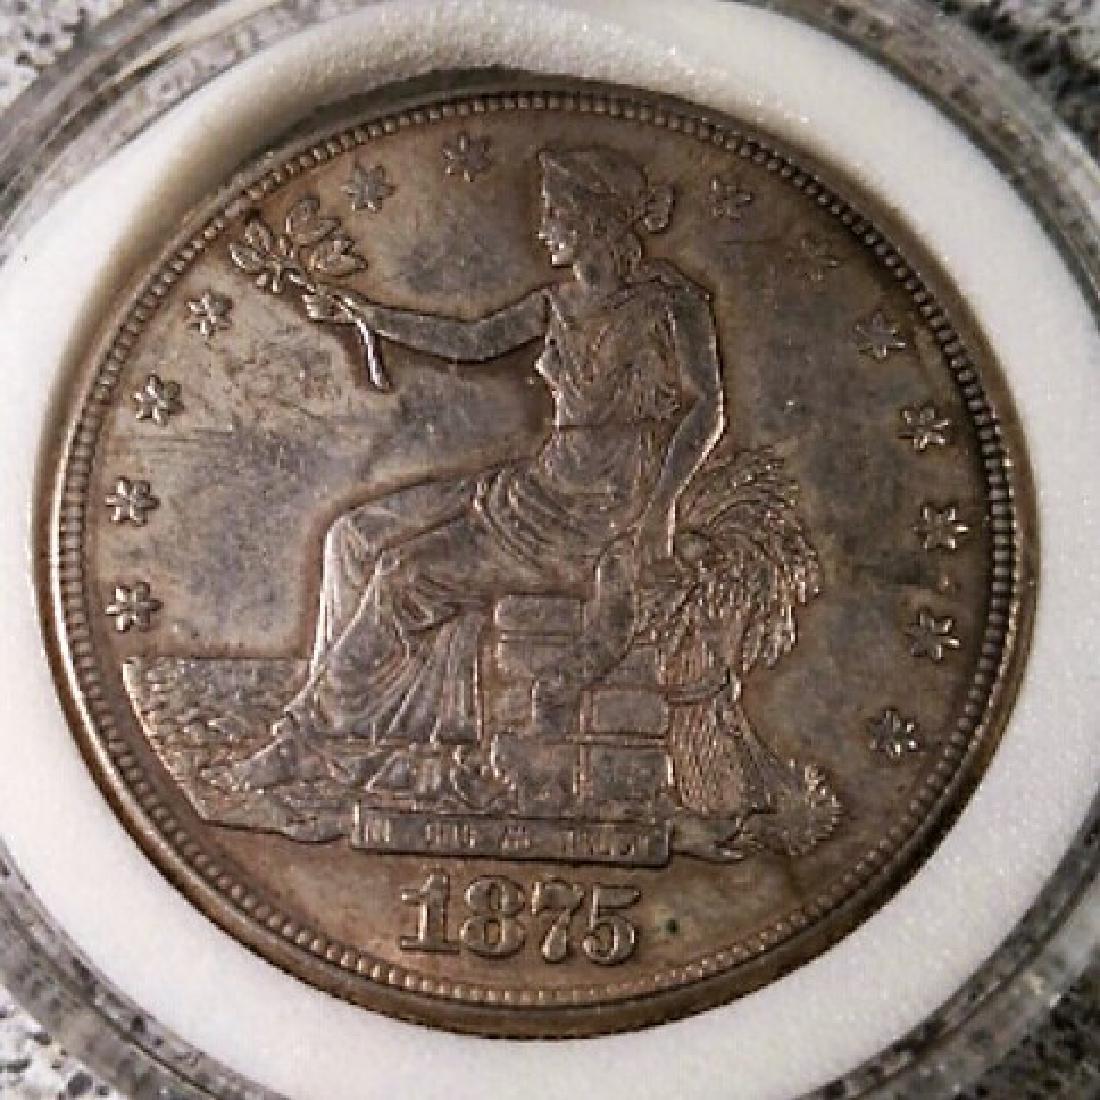 1875 U.S. Trade Dollar